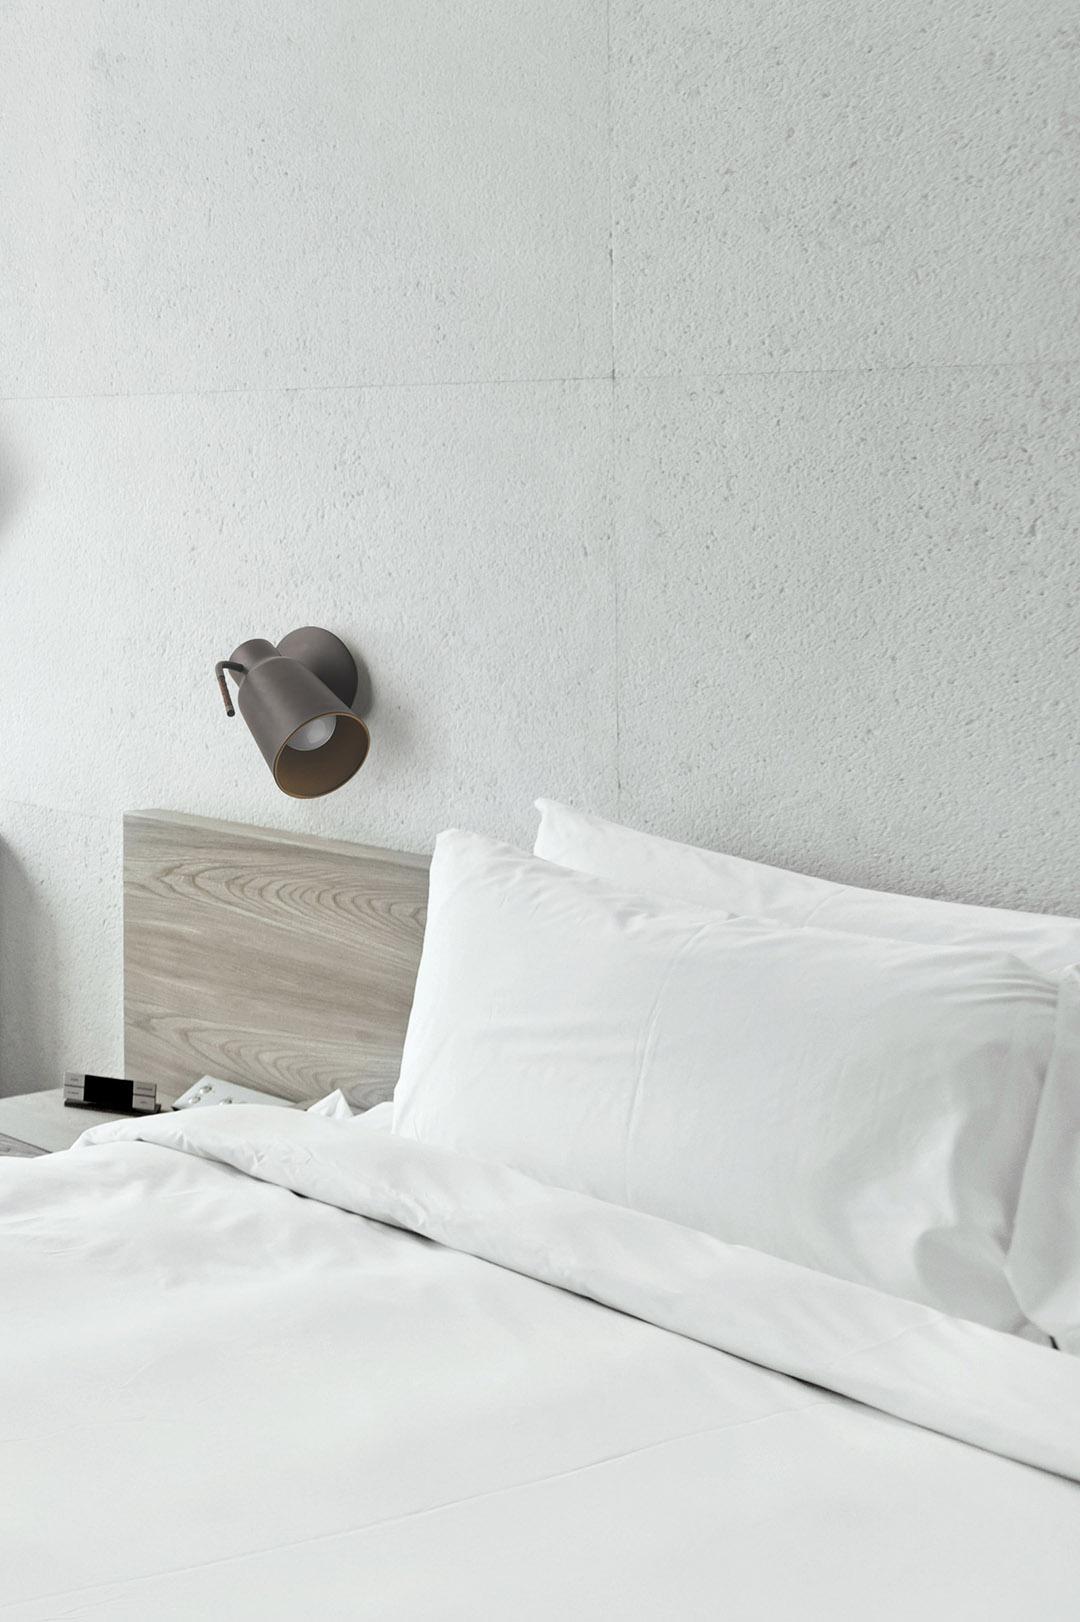 coole metall wandlampe mit schalter leuchte im industrie. Black Bedroom Furniture Sets. Home Design Ideas